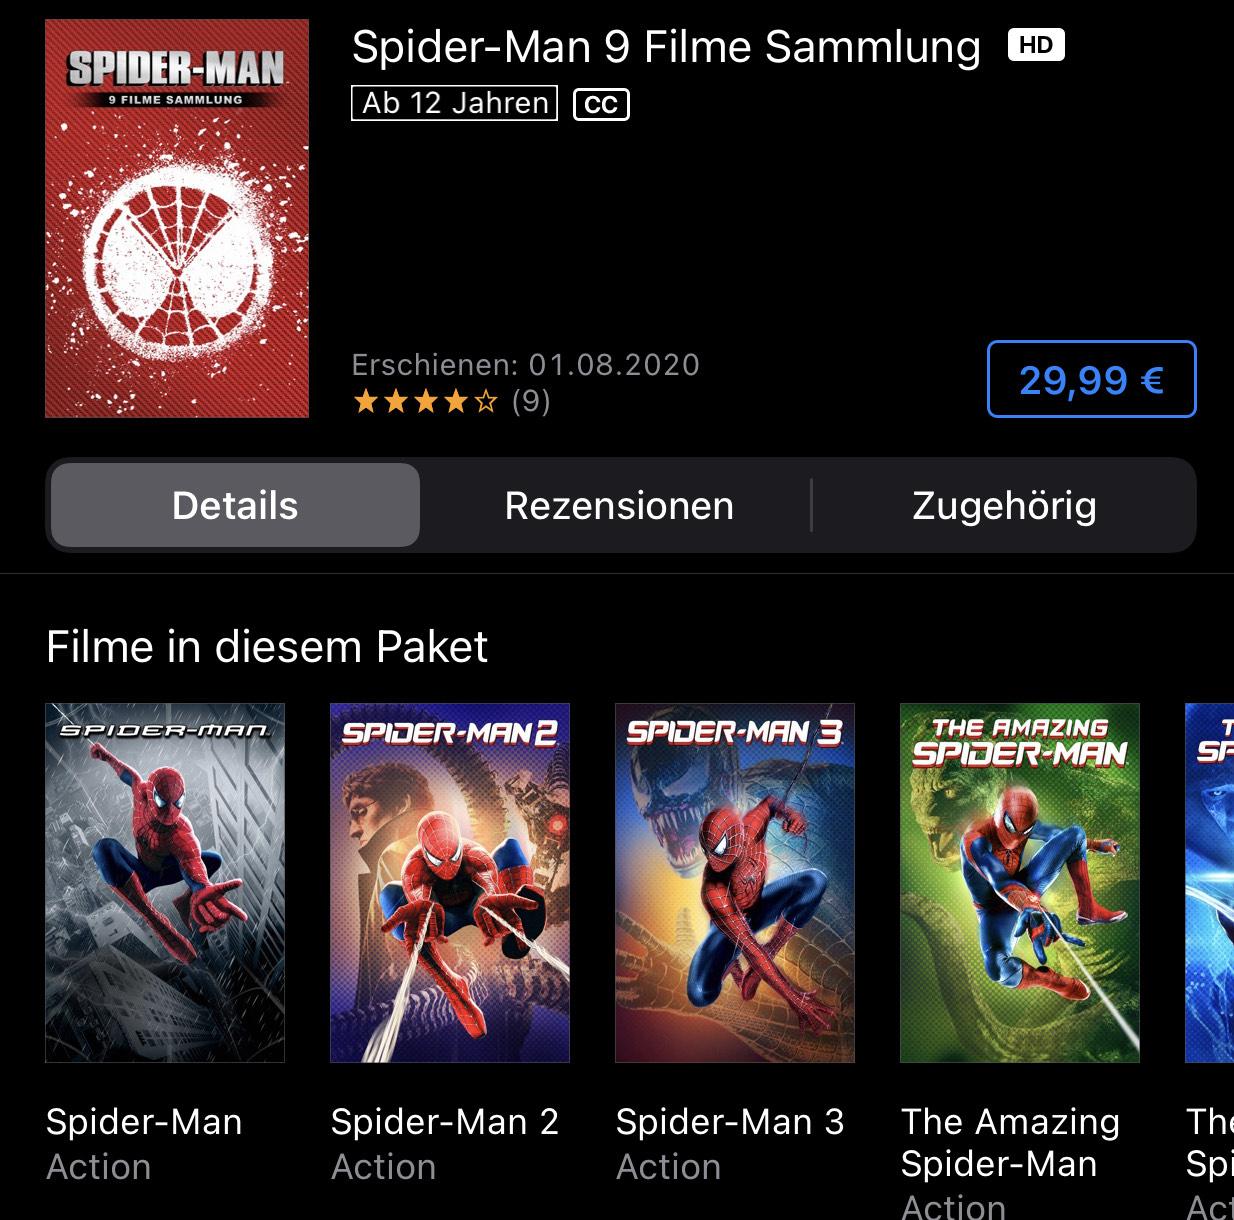 Spider-Man 9 Film Collection bei iTunes